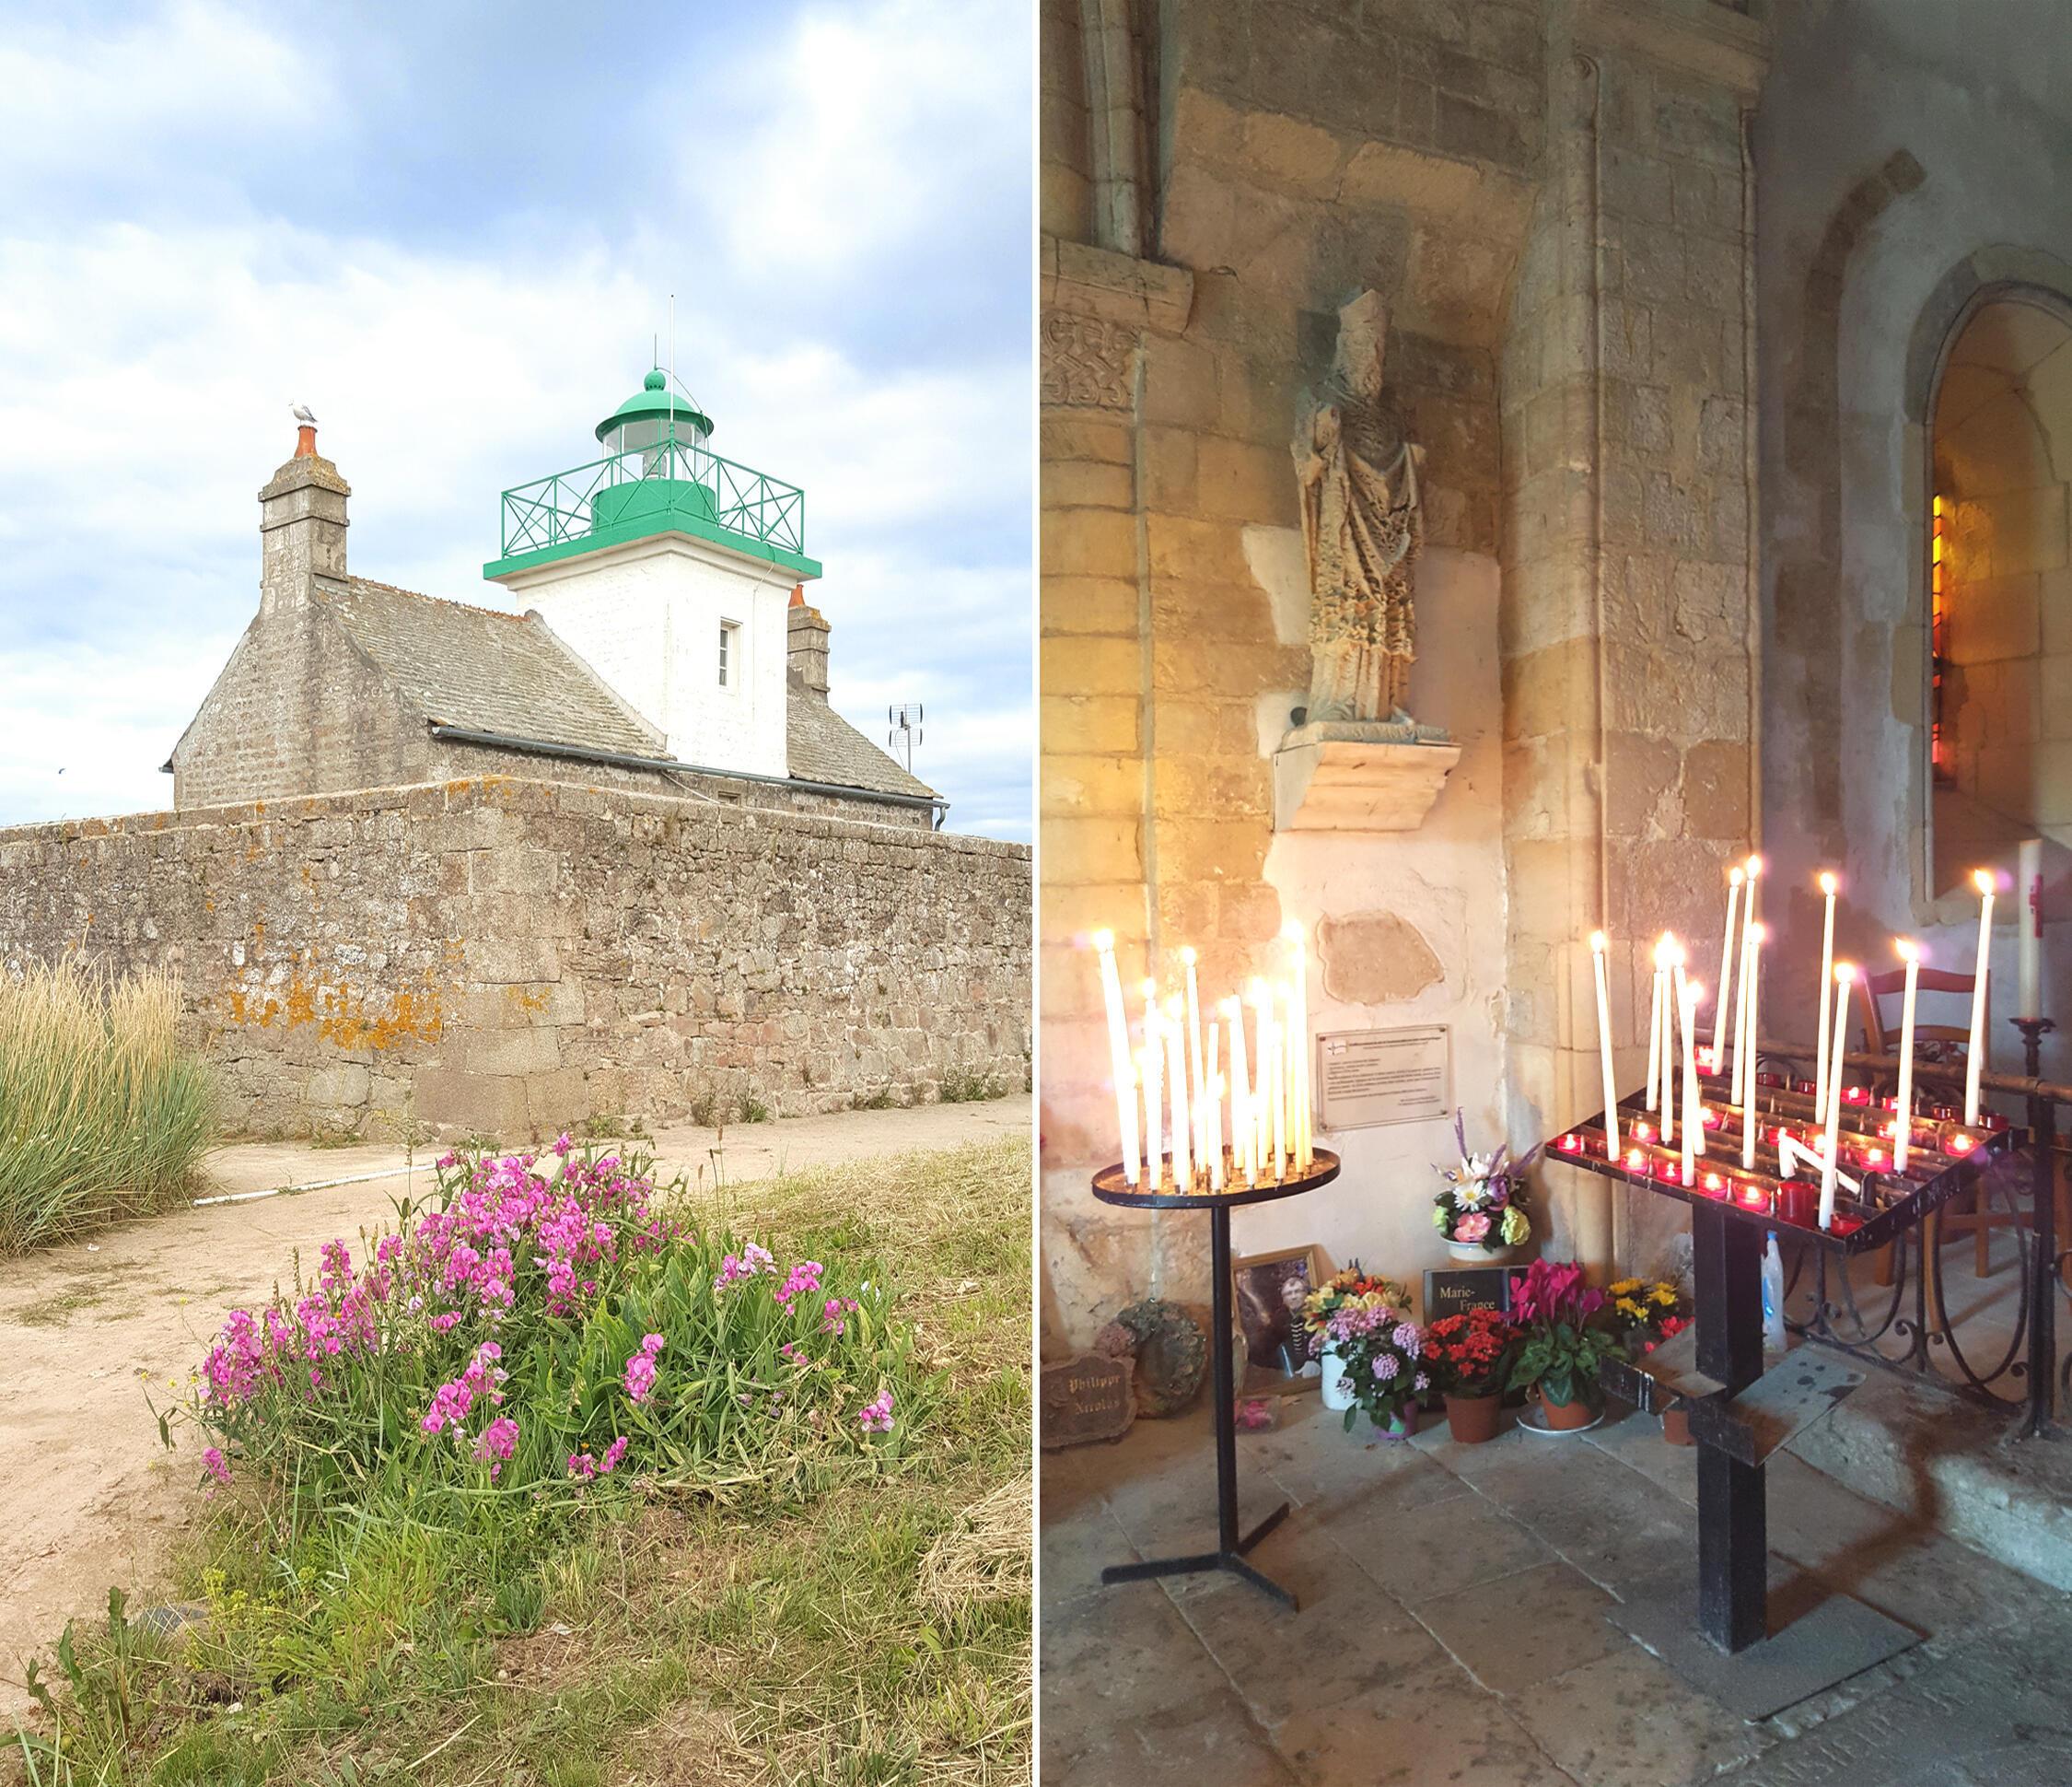 """Ngôi nhà hải đăng (trái) và """"La Chapelle des Marins"""" (phải) nhà nguyện cầu an cho các ngư phủ còn giữ nguyên cung nhà thờ hình bán nguyệt với lối kiến trúc có từ thế kỷ 12"""